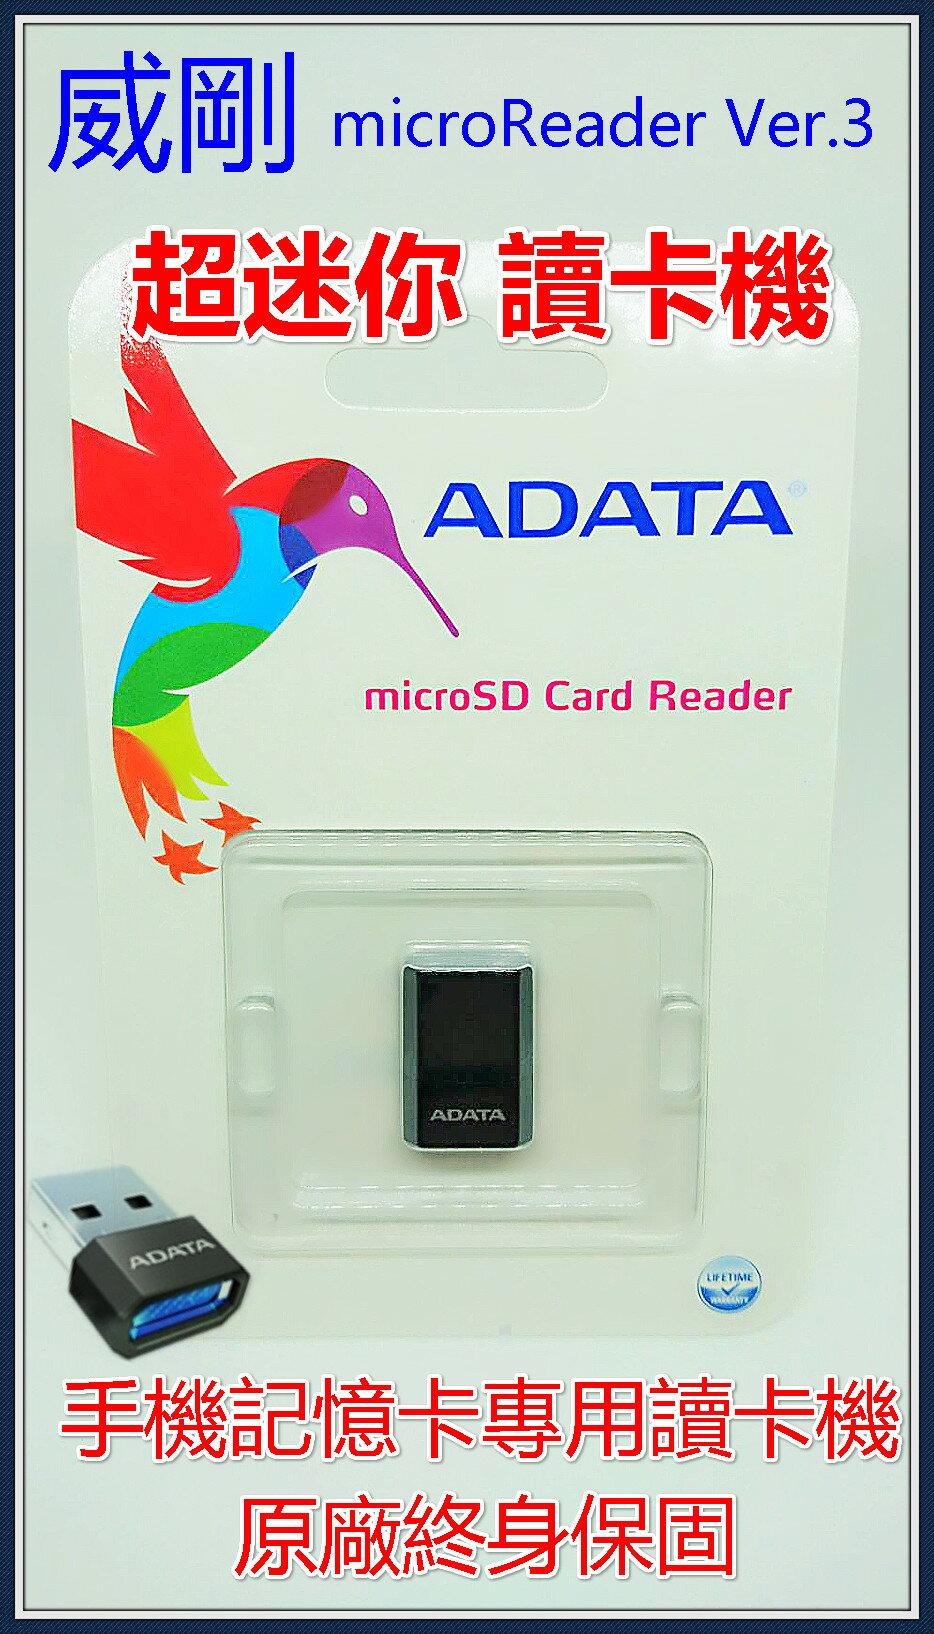 ❤含發票❤團購價❤威剛 ADATA 迷你讀卡機 手機記憶卡專用❤終身保固❤台灣精品❤電腦周邊❤手機周邊❤記憶卡❤USB❤SD卡